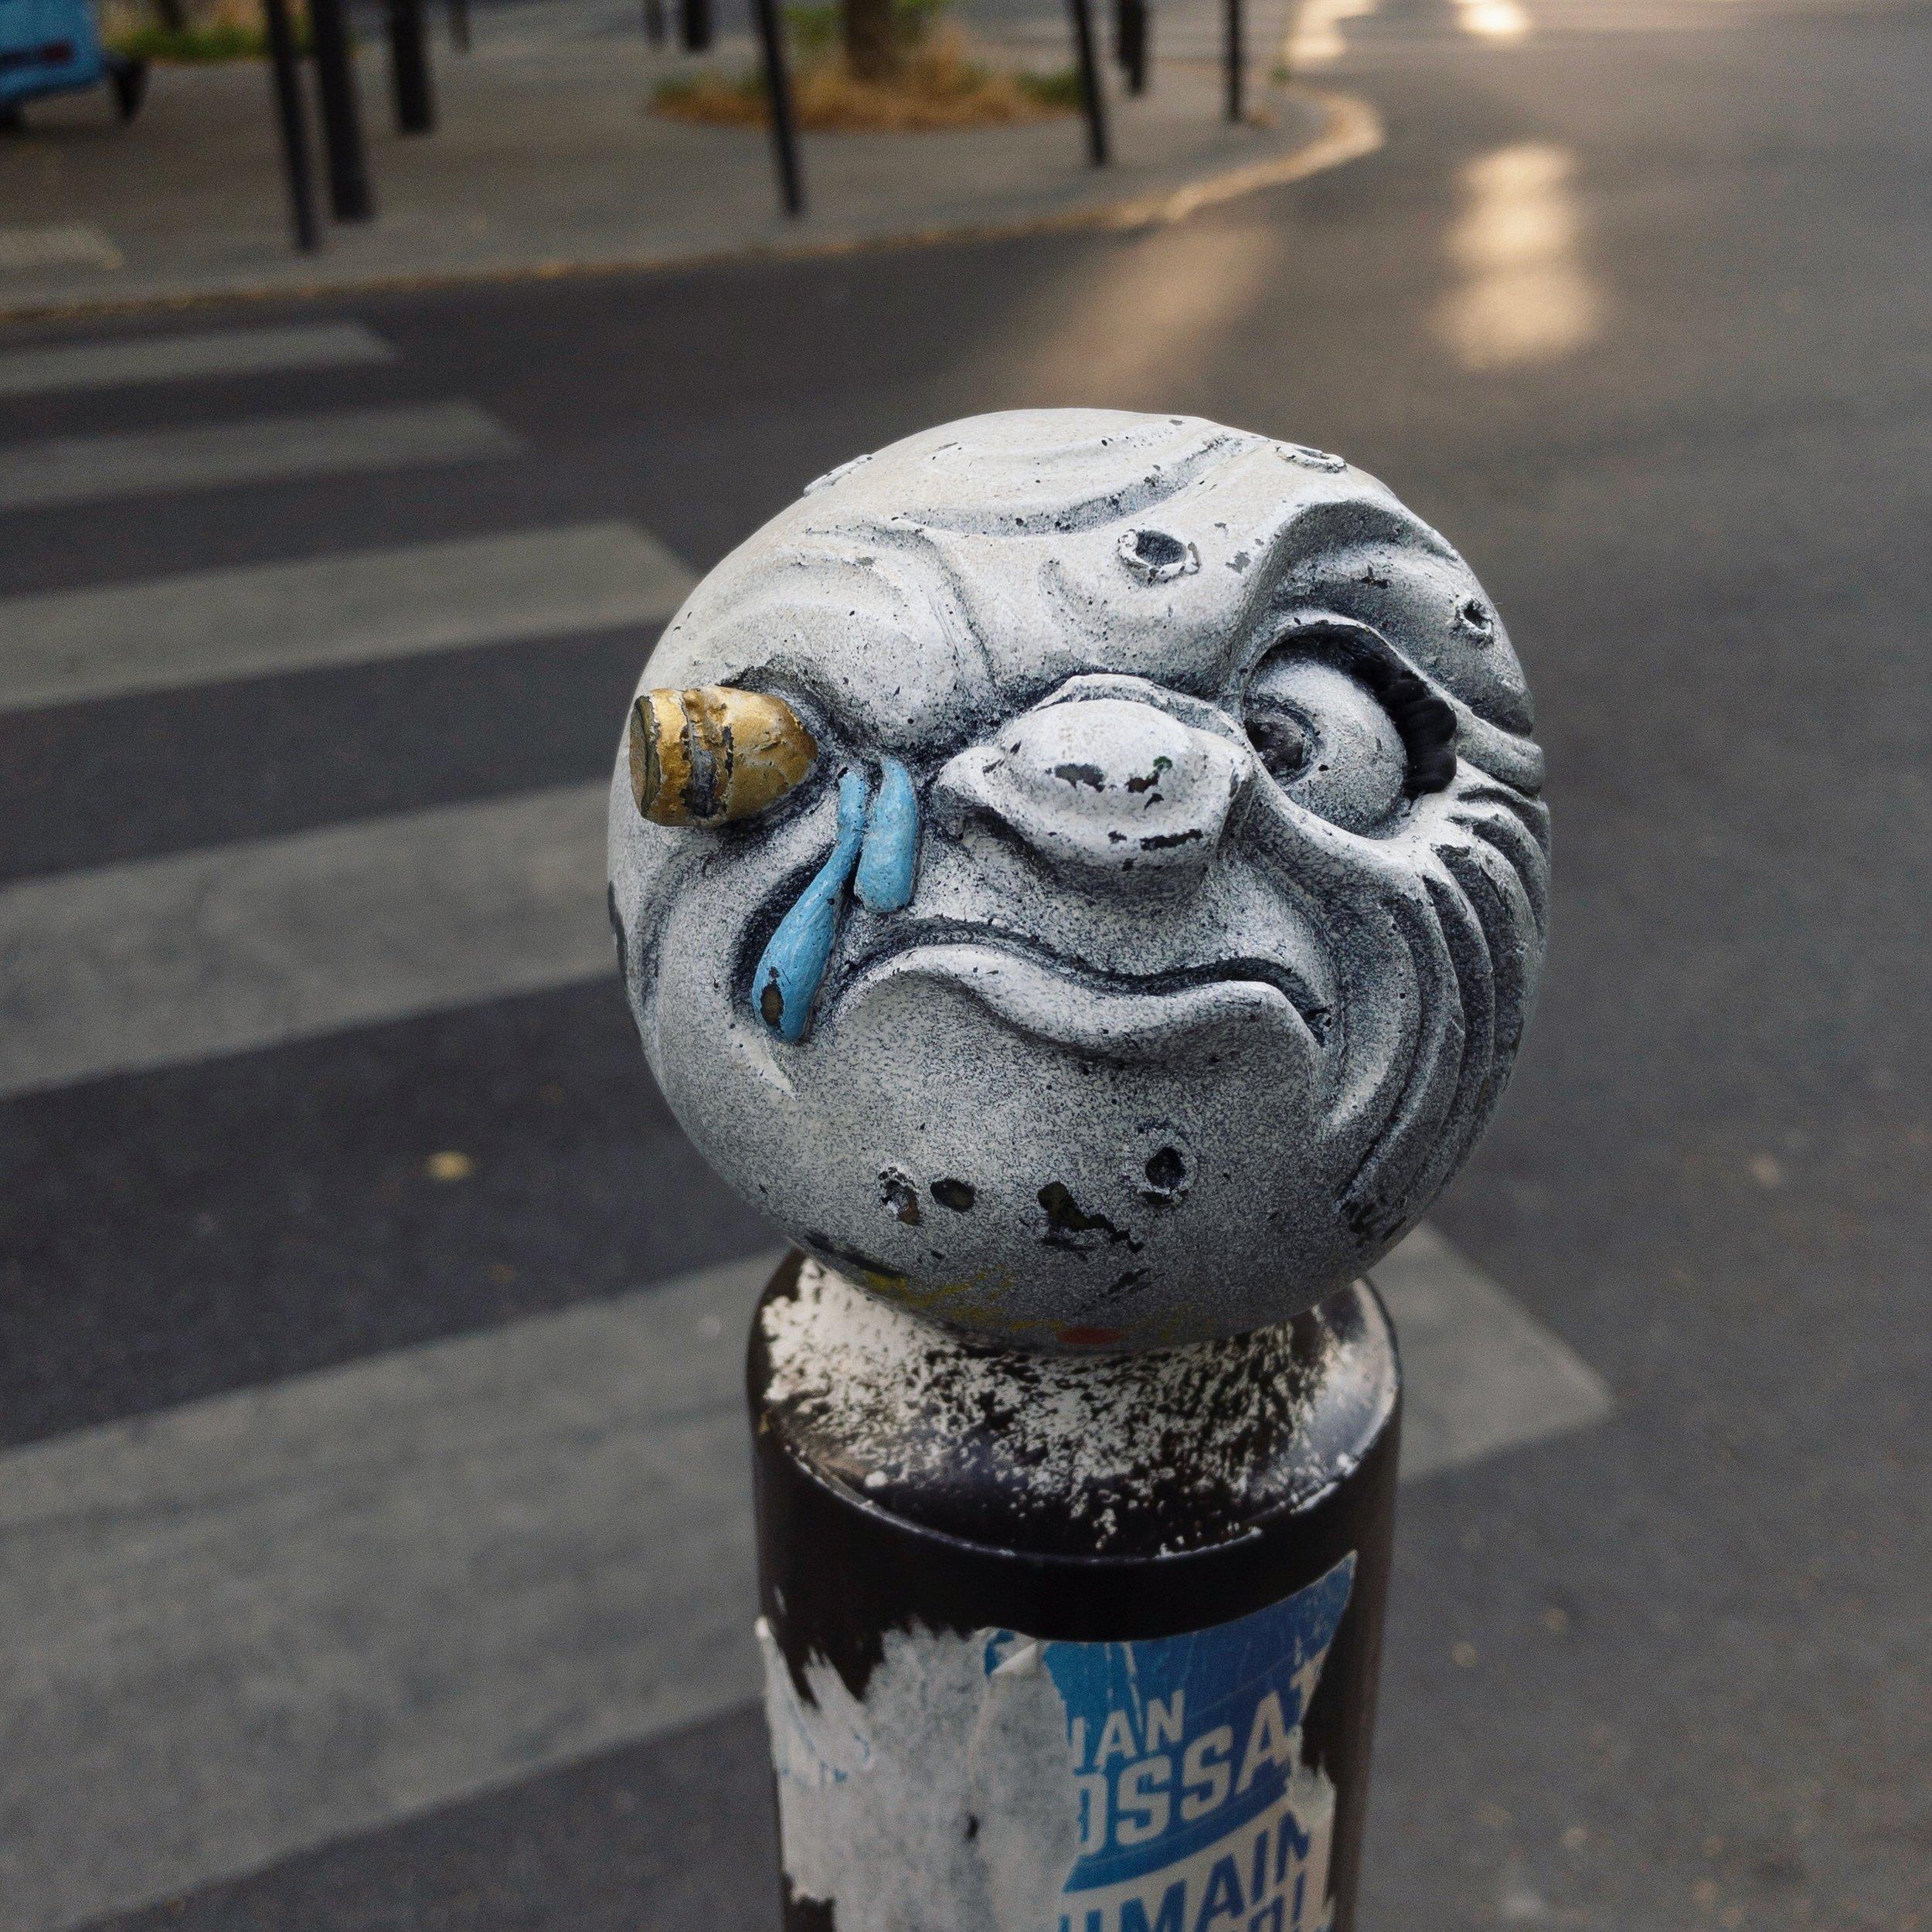 Street-art tribute to Georges Méliès'  Voyage dans la Lune.